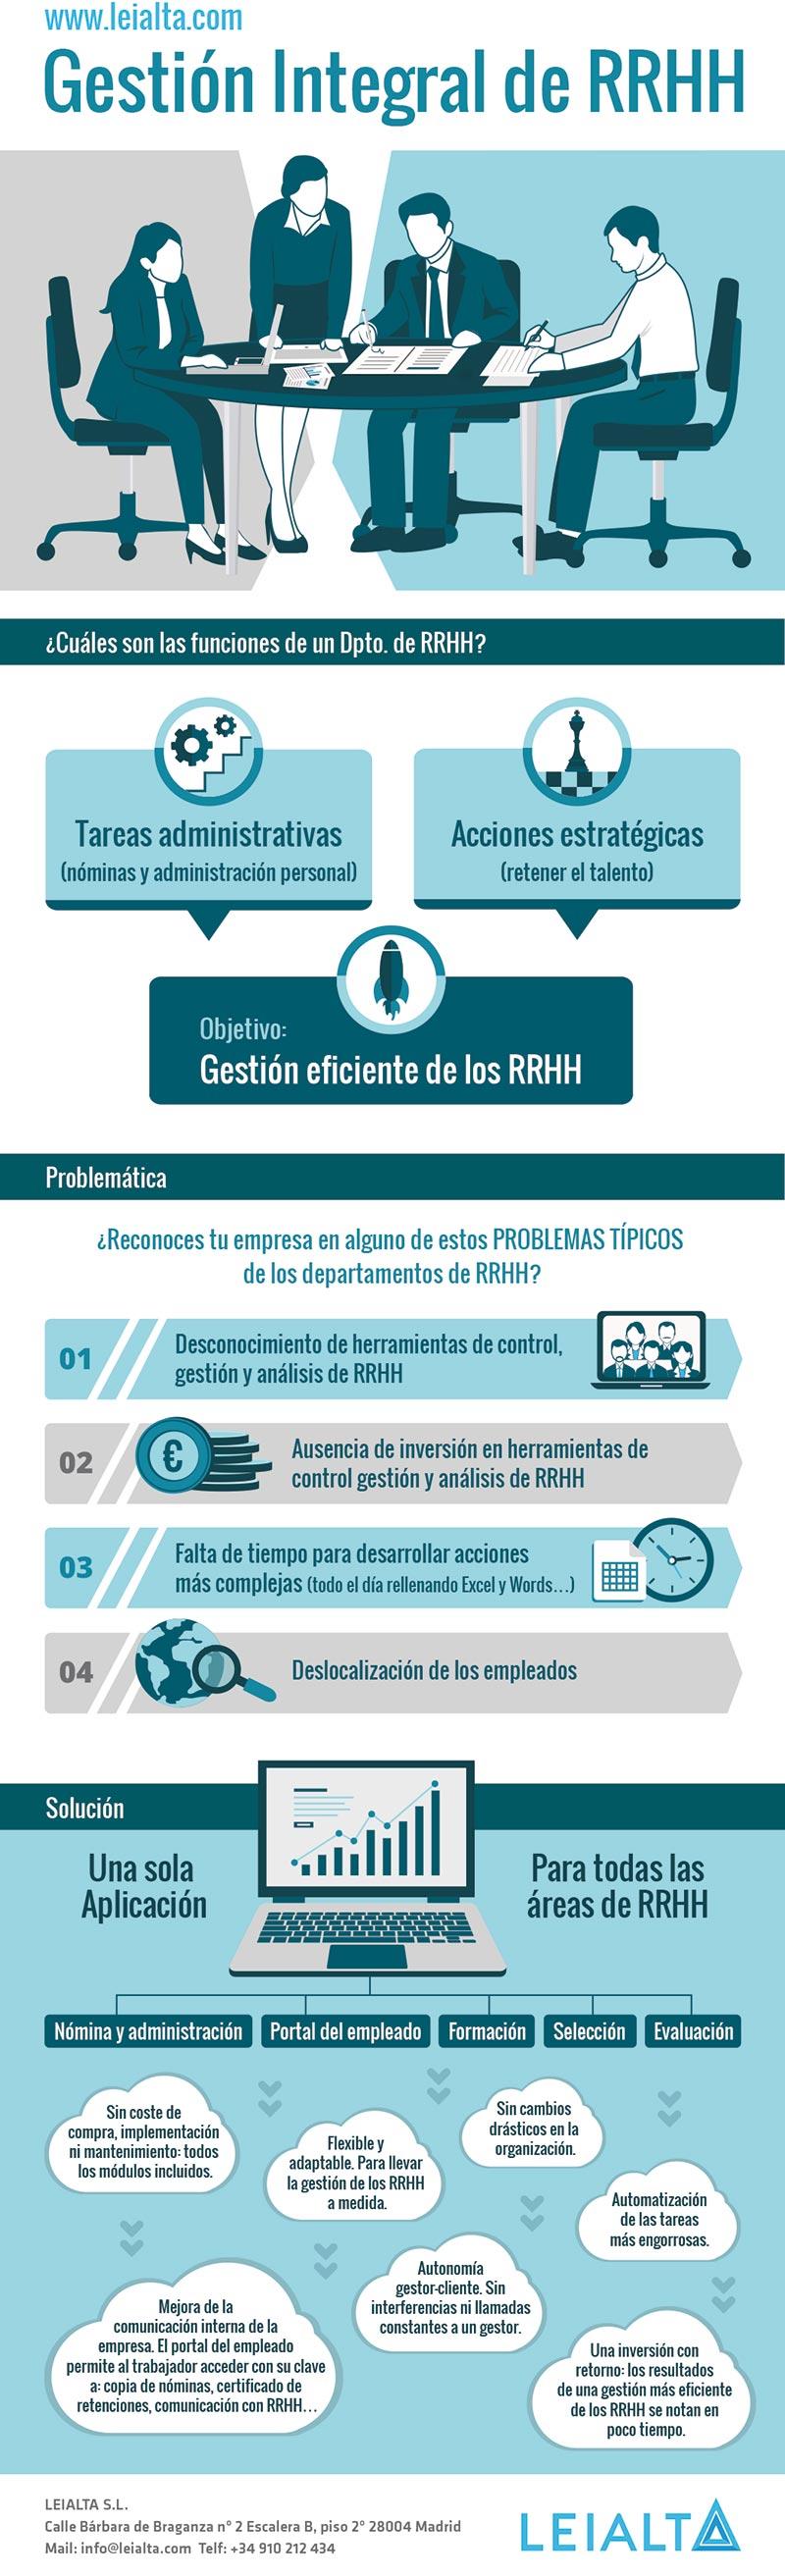 Una herramienta tecnológica para la gestión eficiente de RRHH permite a las empresas familiares avanzar hacia su profesionalización.